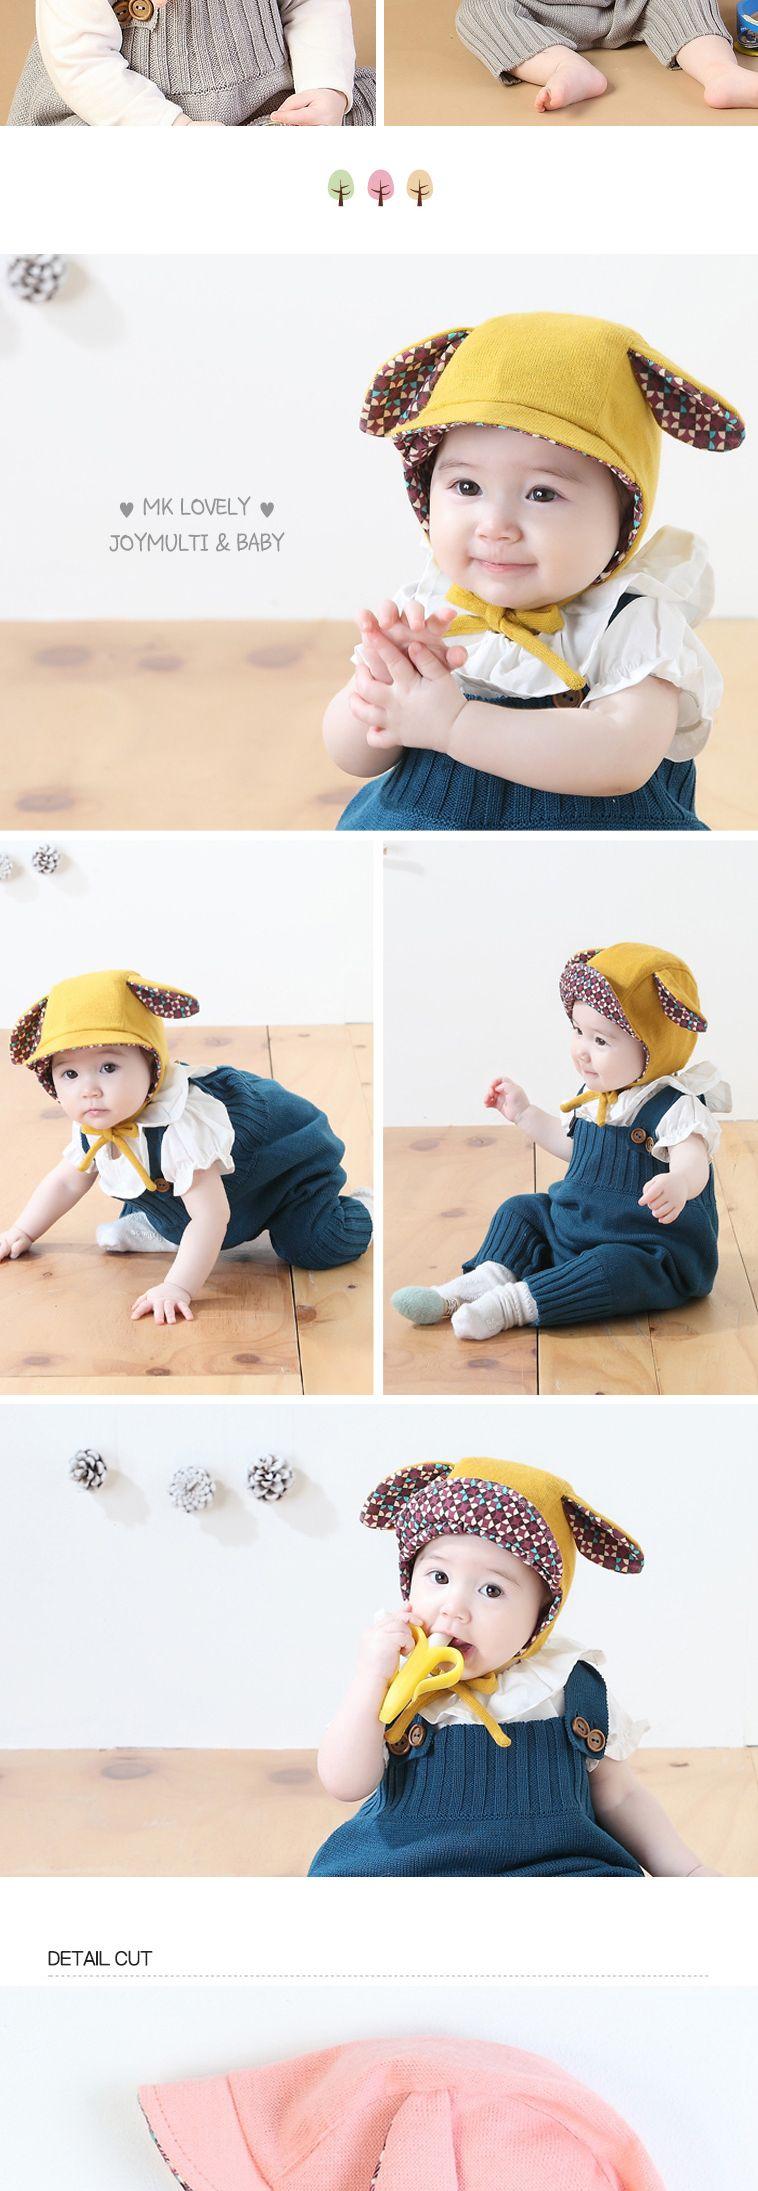 유니크 패턴 유아 파일럿모자(0-24개월) 203686 아기 아기비니 아기면모자 아기모자 유아모자 귀여운아기모자